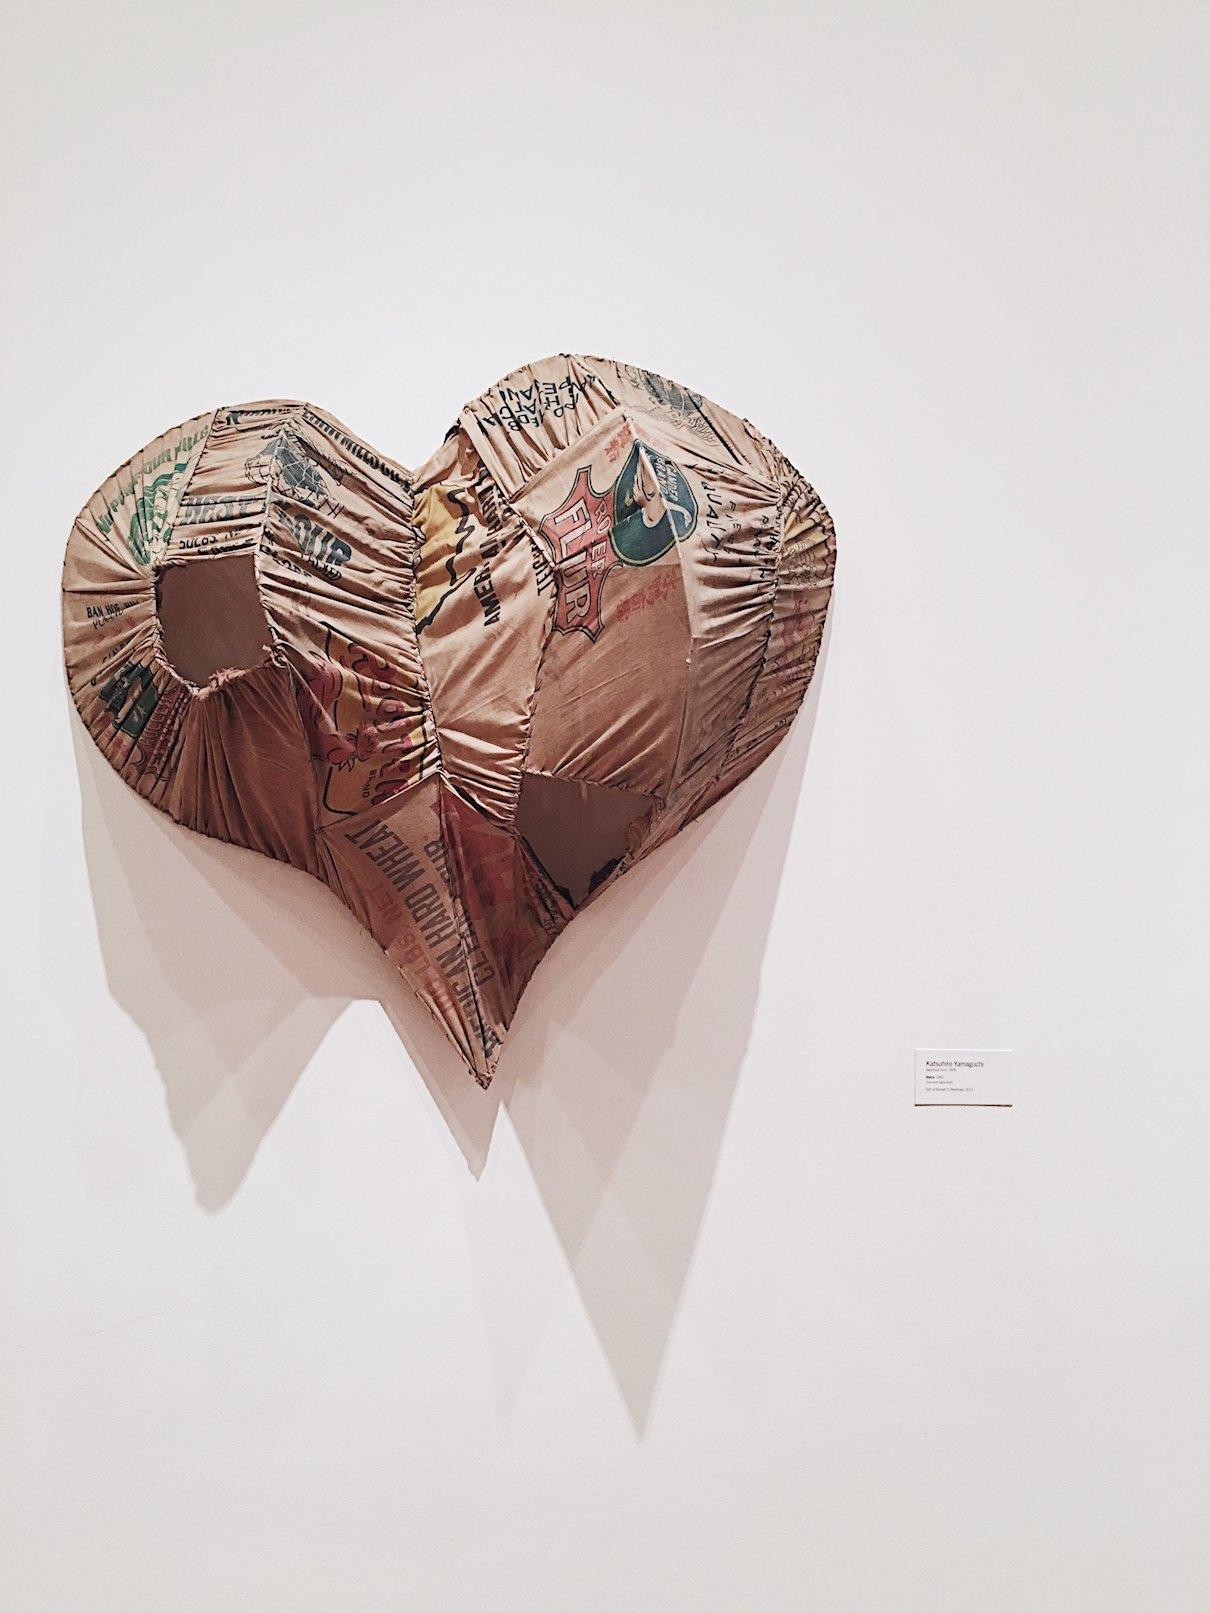 USA, Nowy Jork, Muzeum Sztuki Współczesnej MoMa